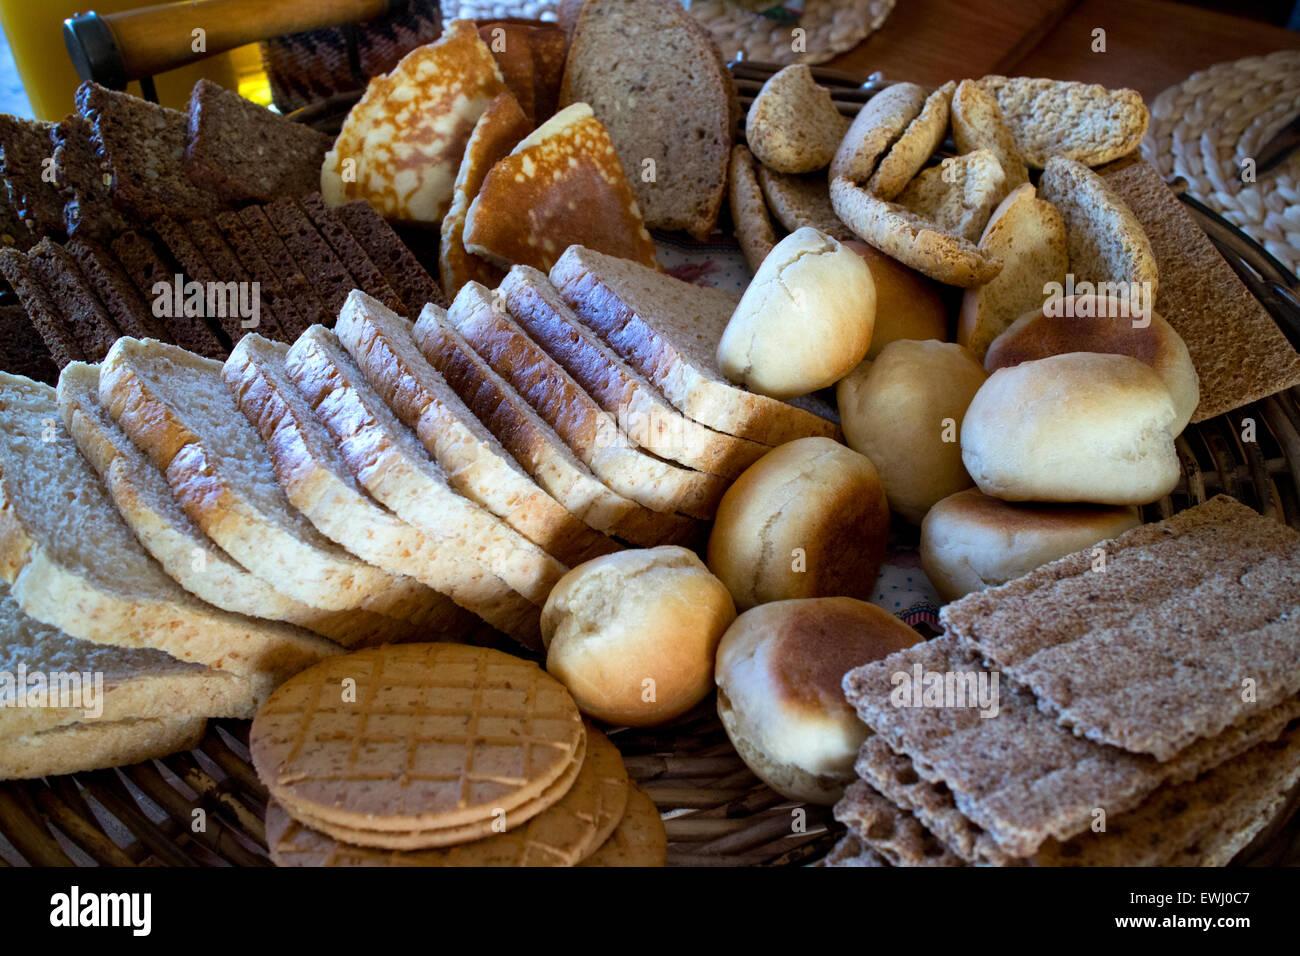 Selección de países nórdicos y panes islandesa dispuestos sobre una mesa en Islandia Imagen De Stock